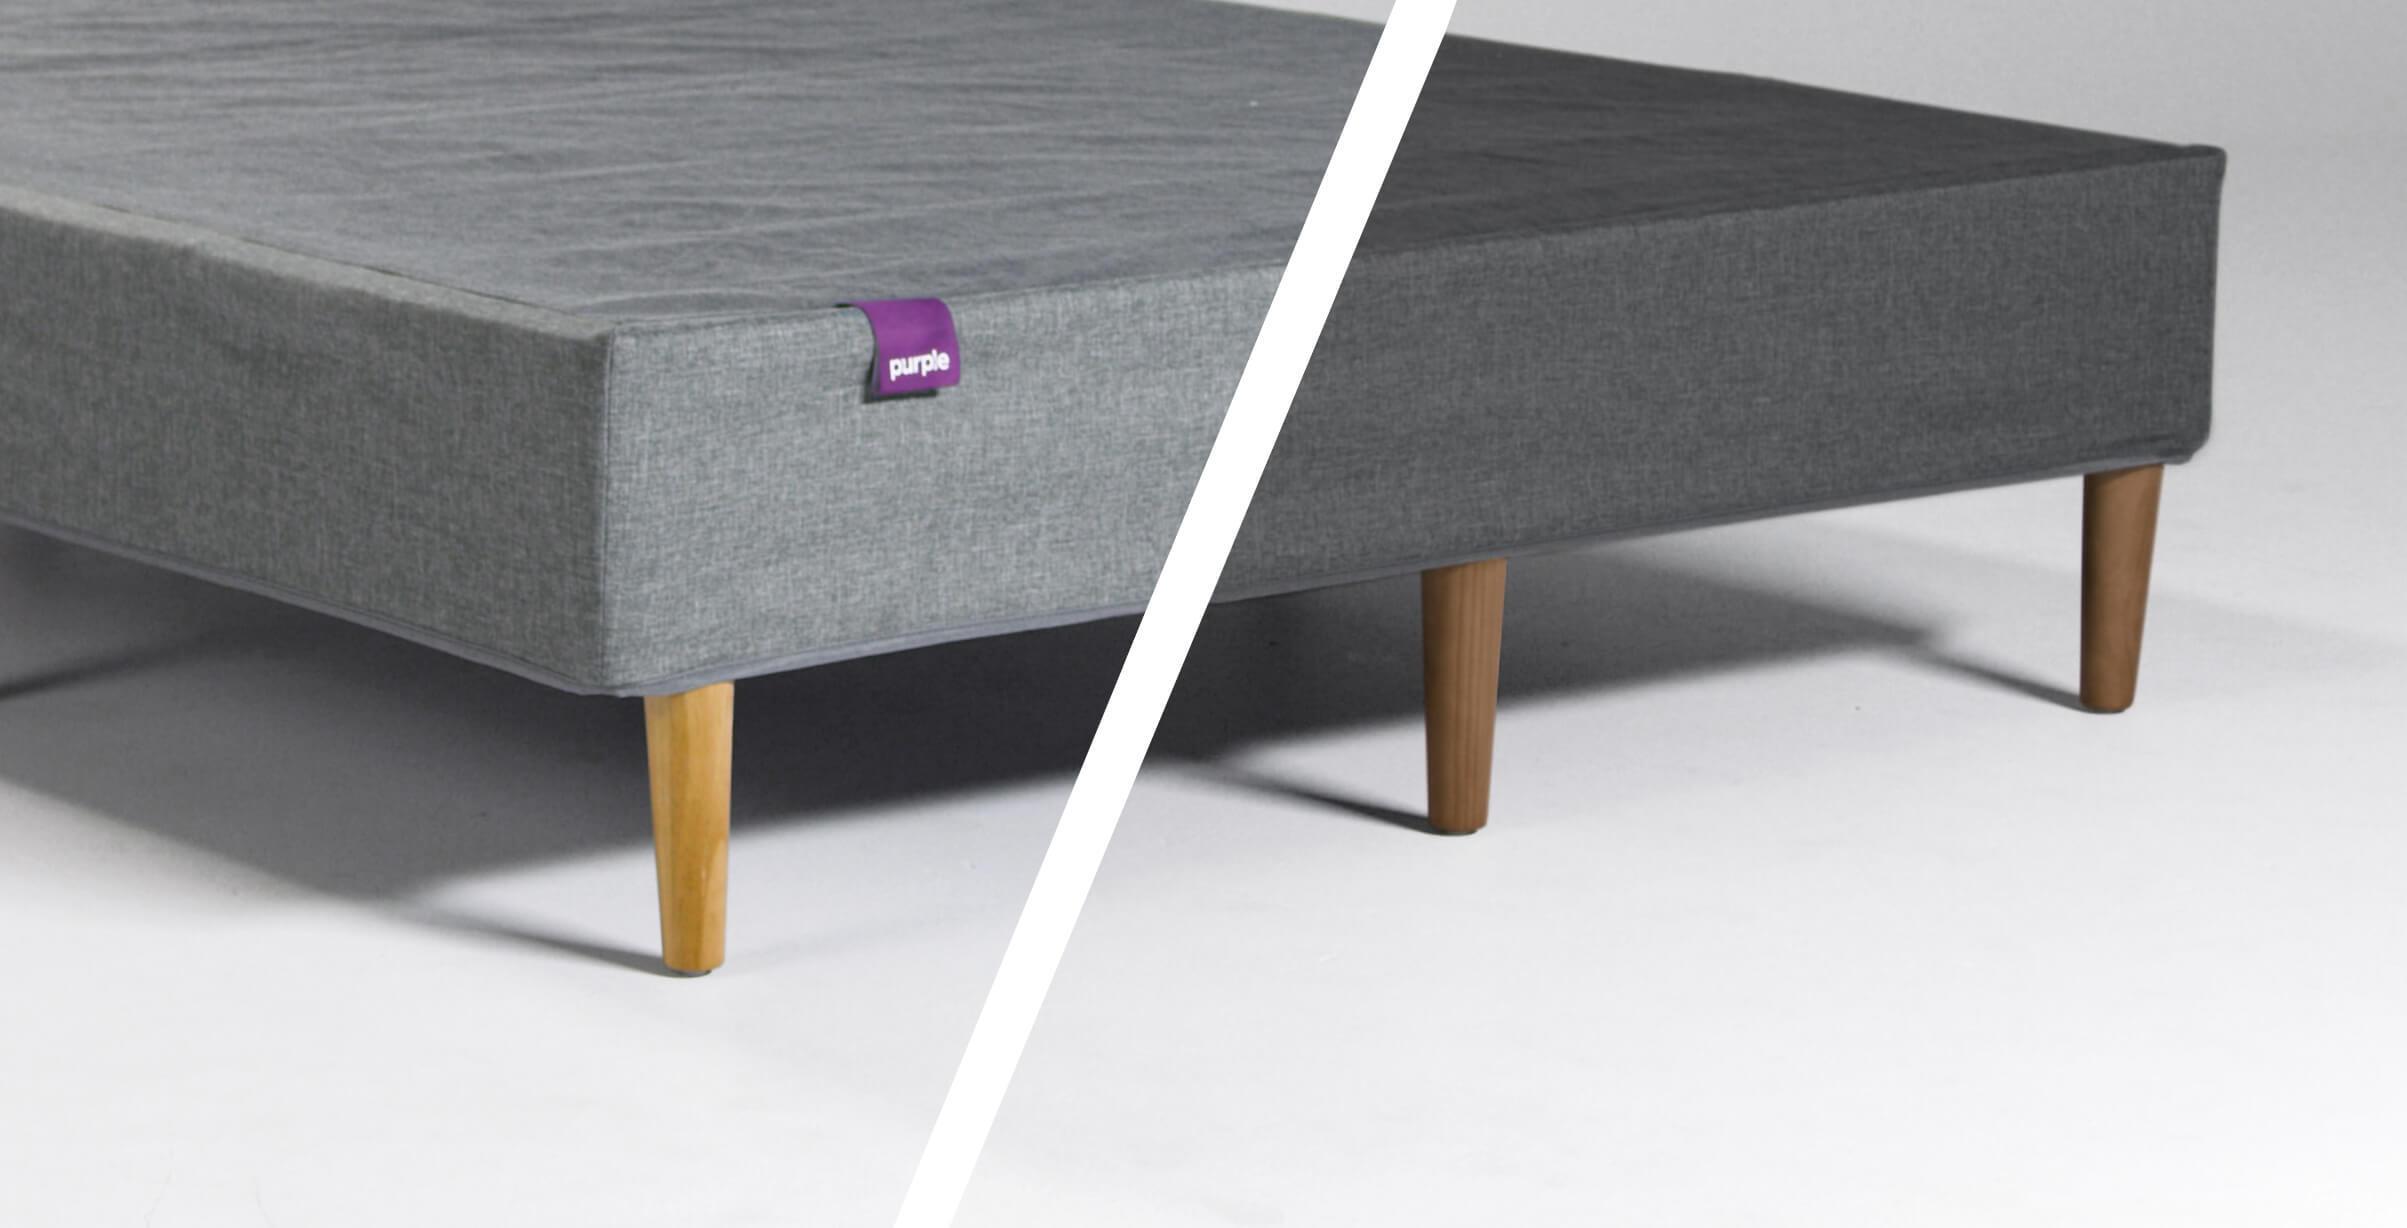 Upholstered Bed Frame Purple